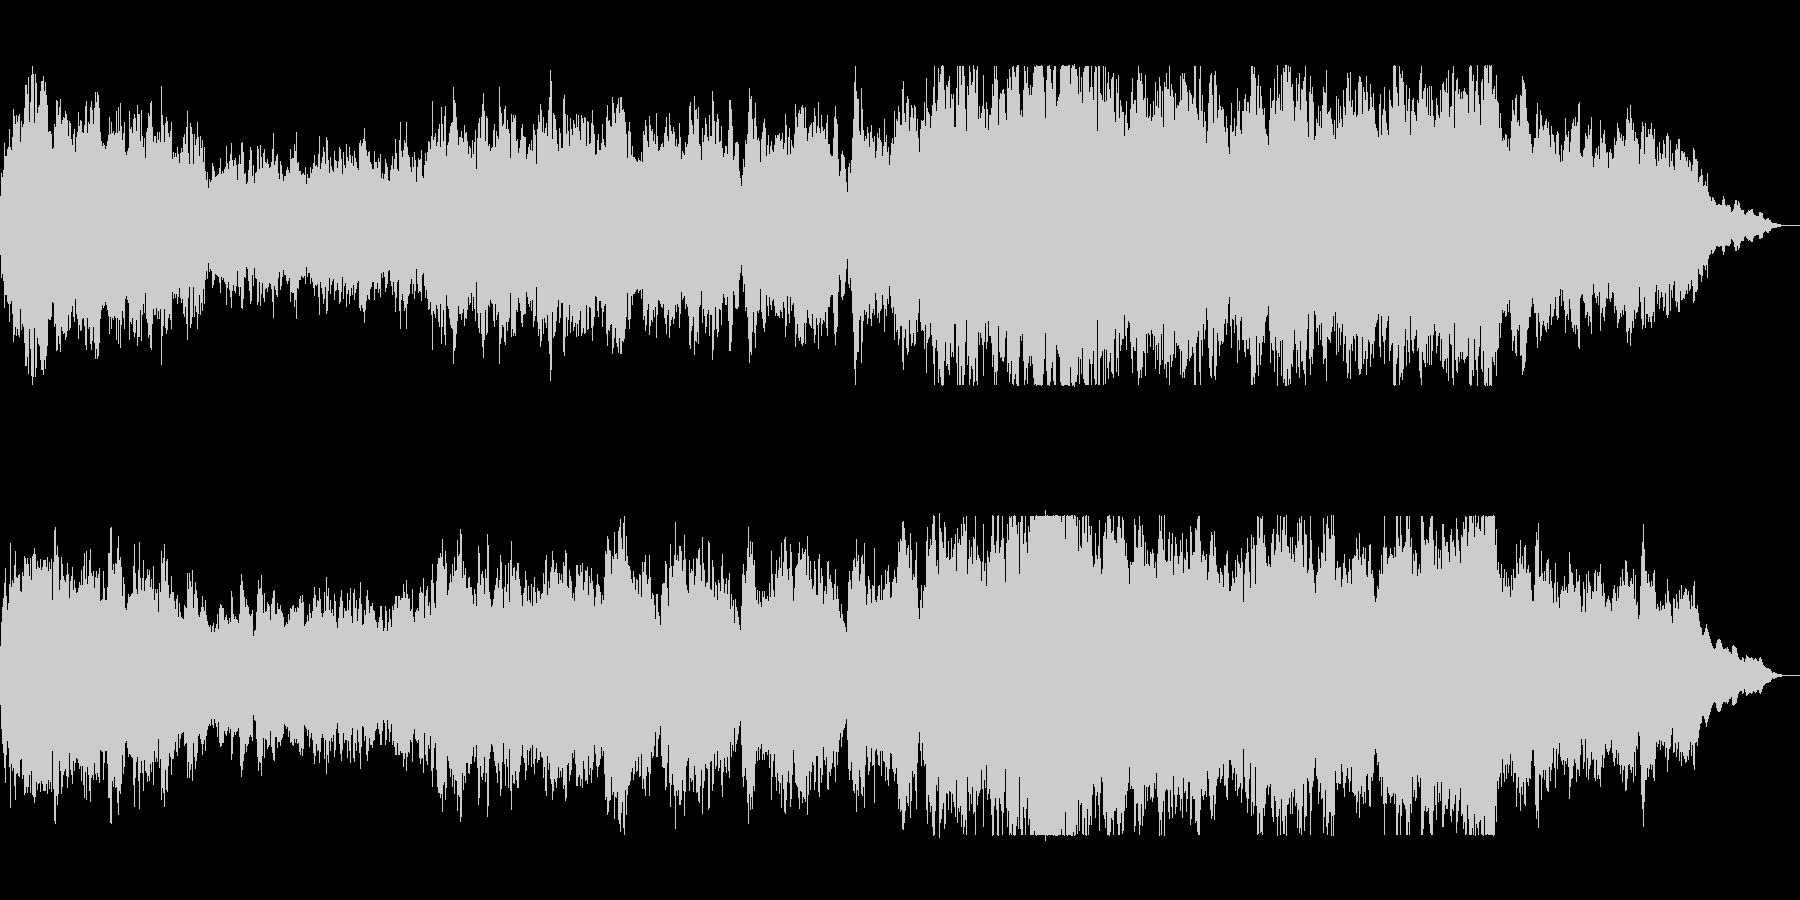 壮大で豪華なシンセサイザーサウンドの未再生の波形